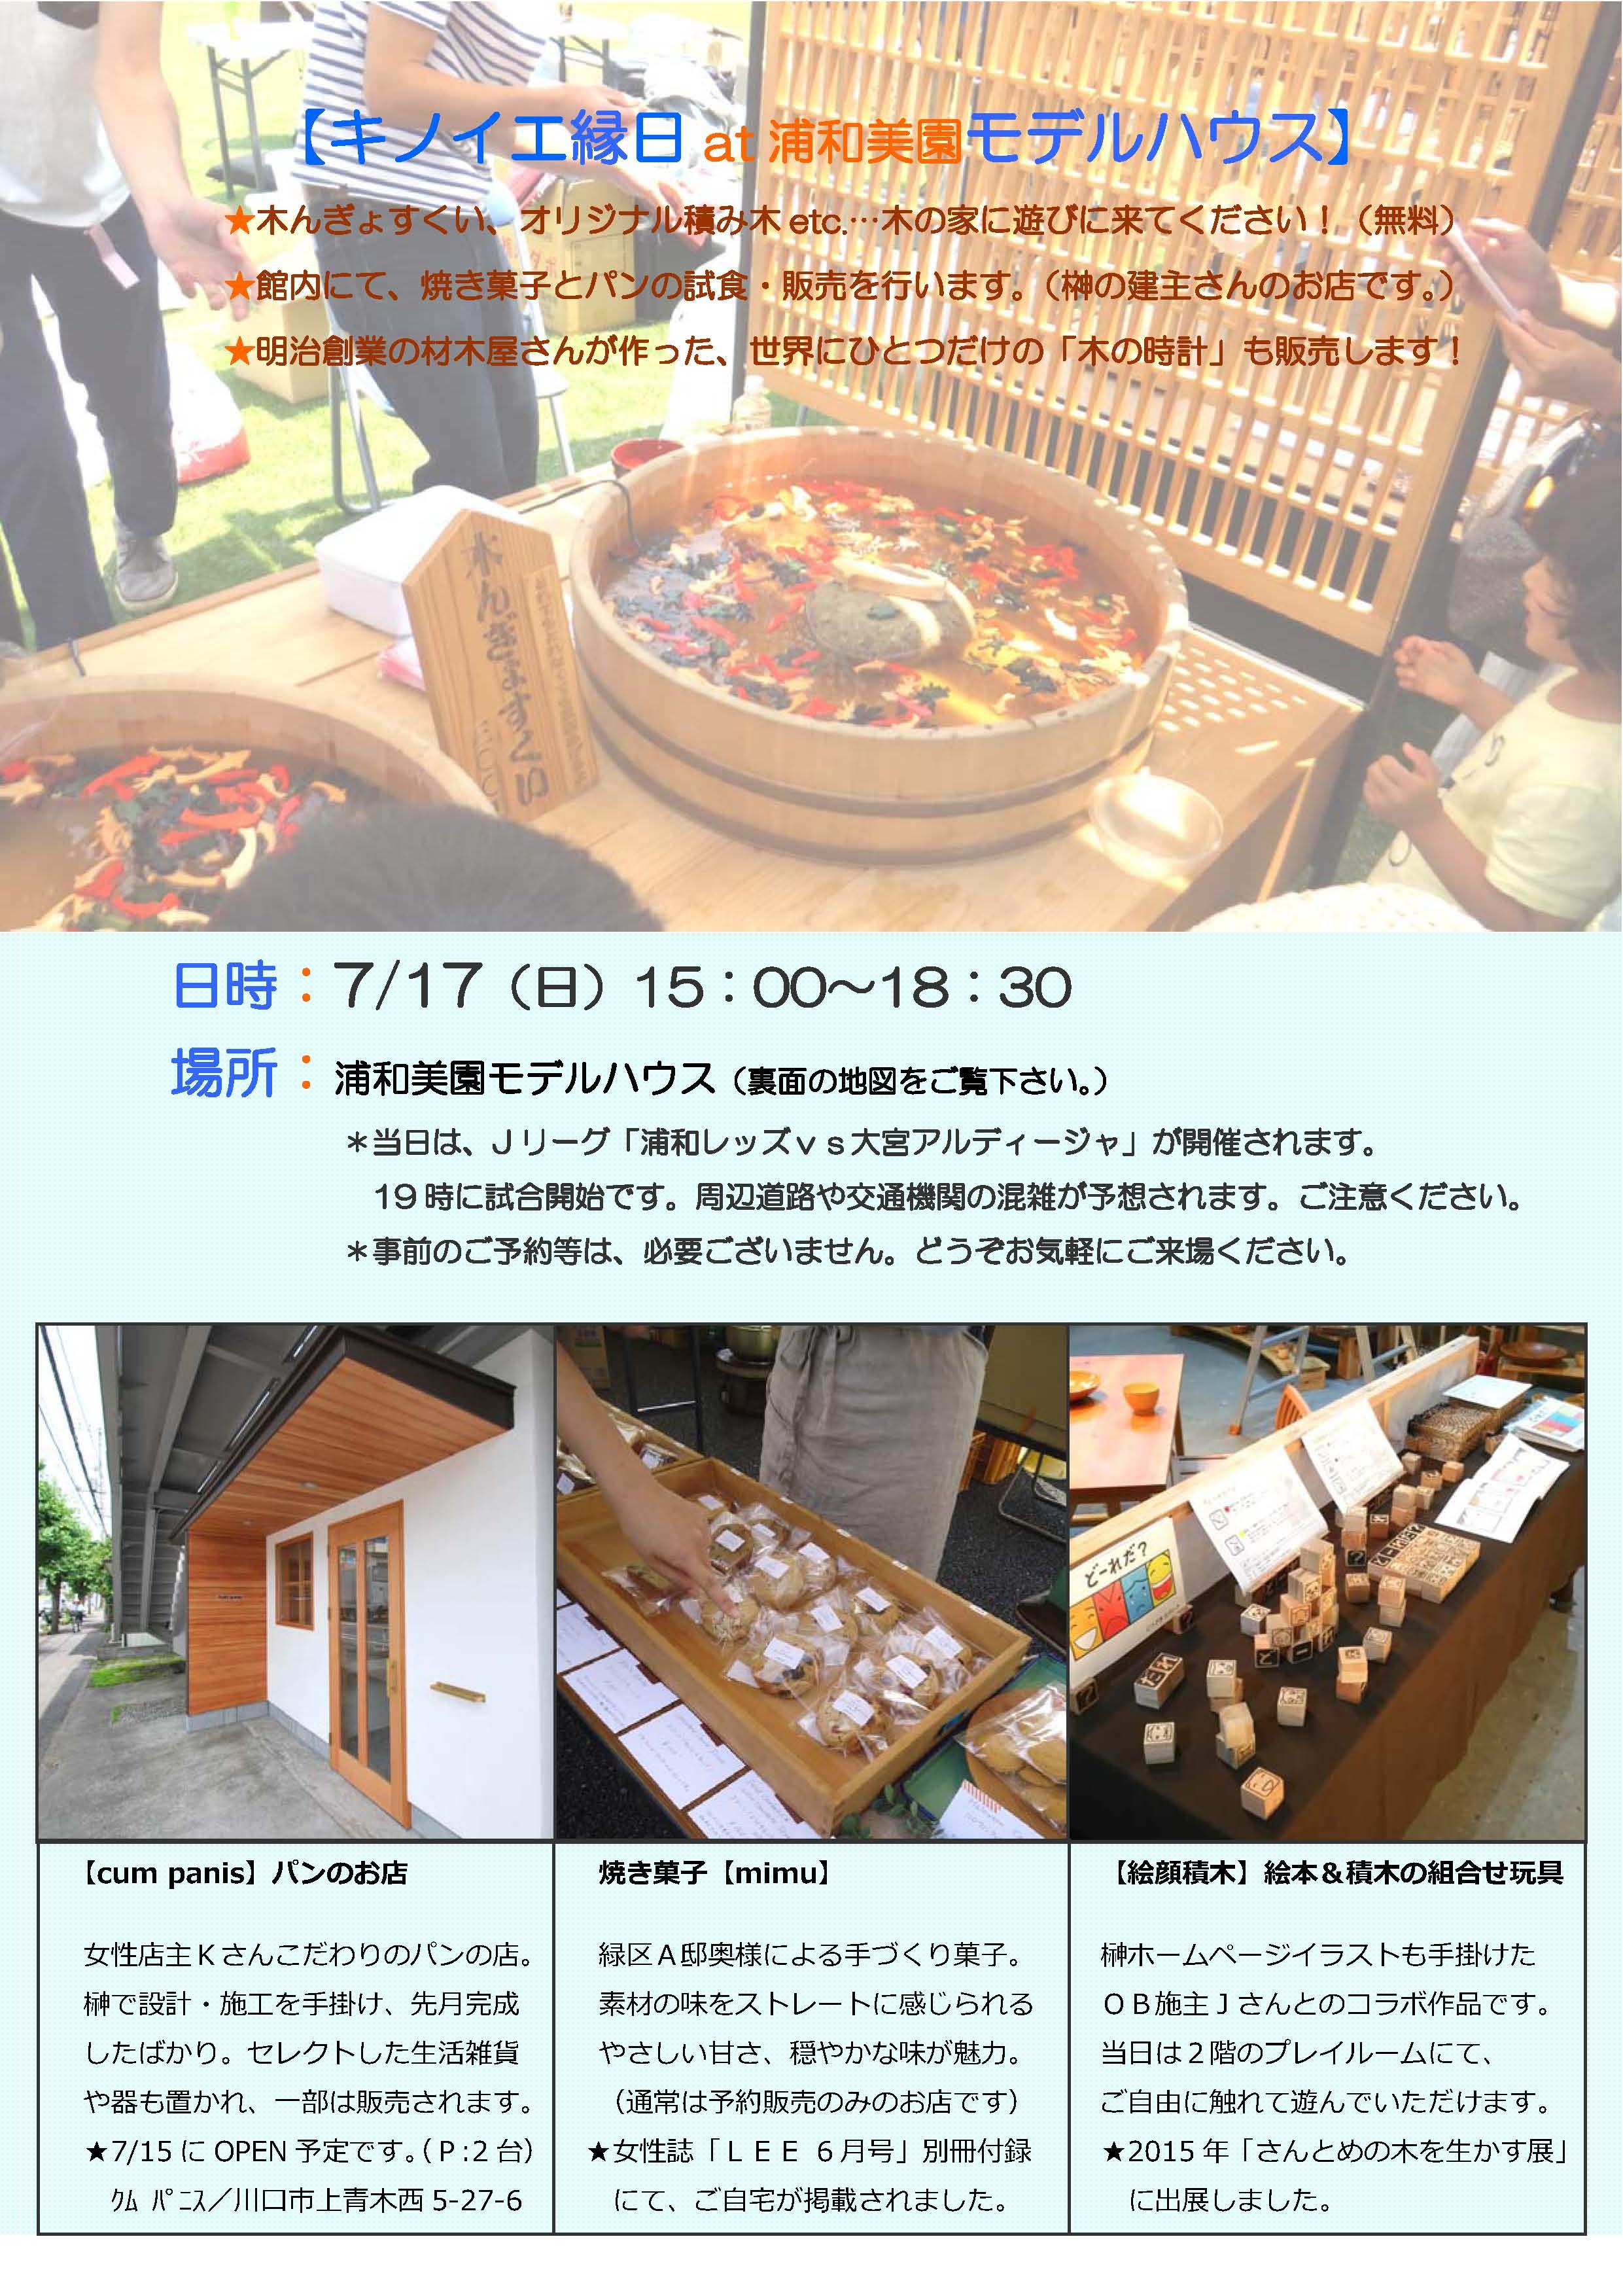 7/17(日)  【キノイエ縁日】   at  浦和美園モデルハウス